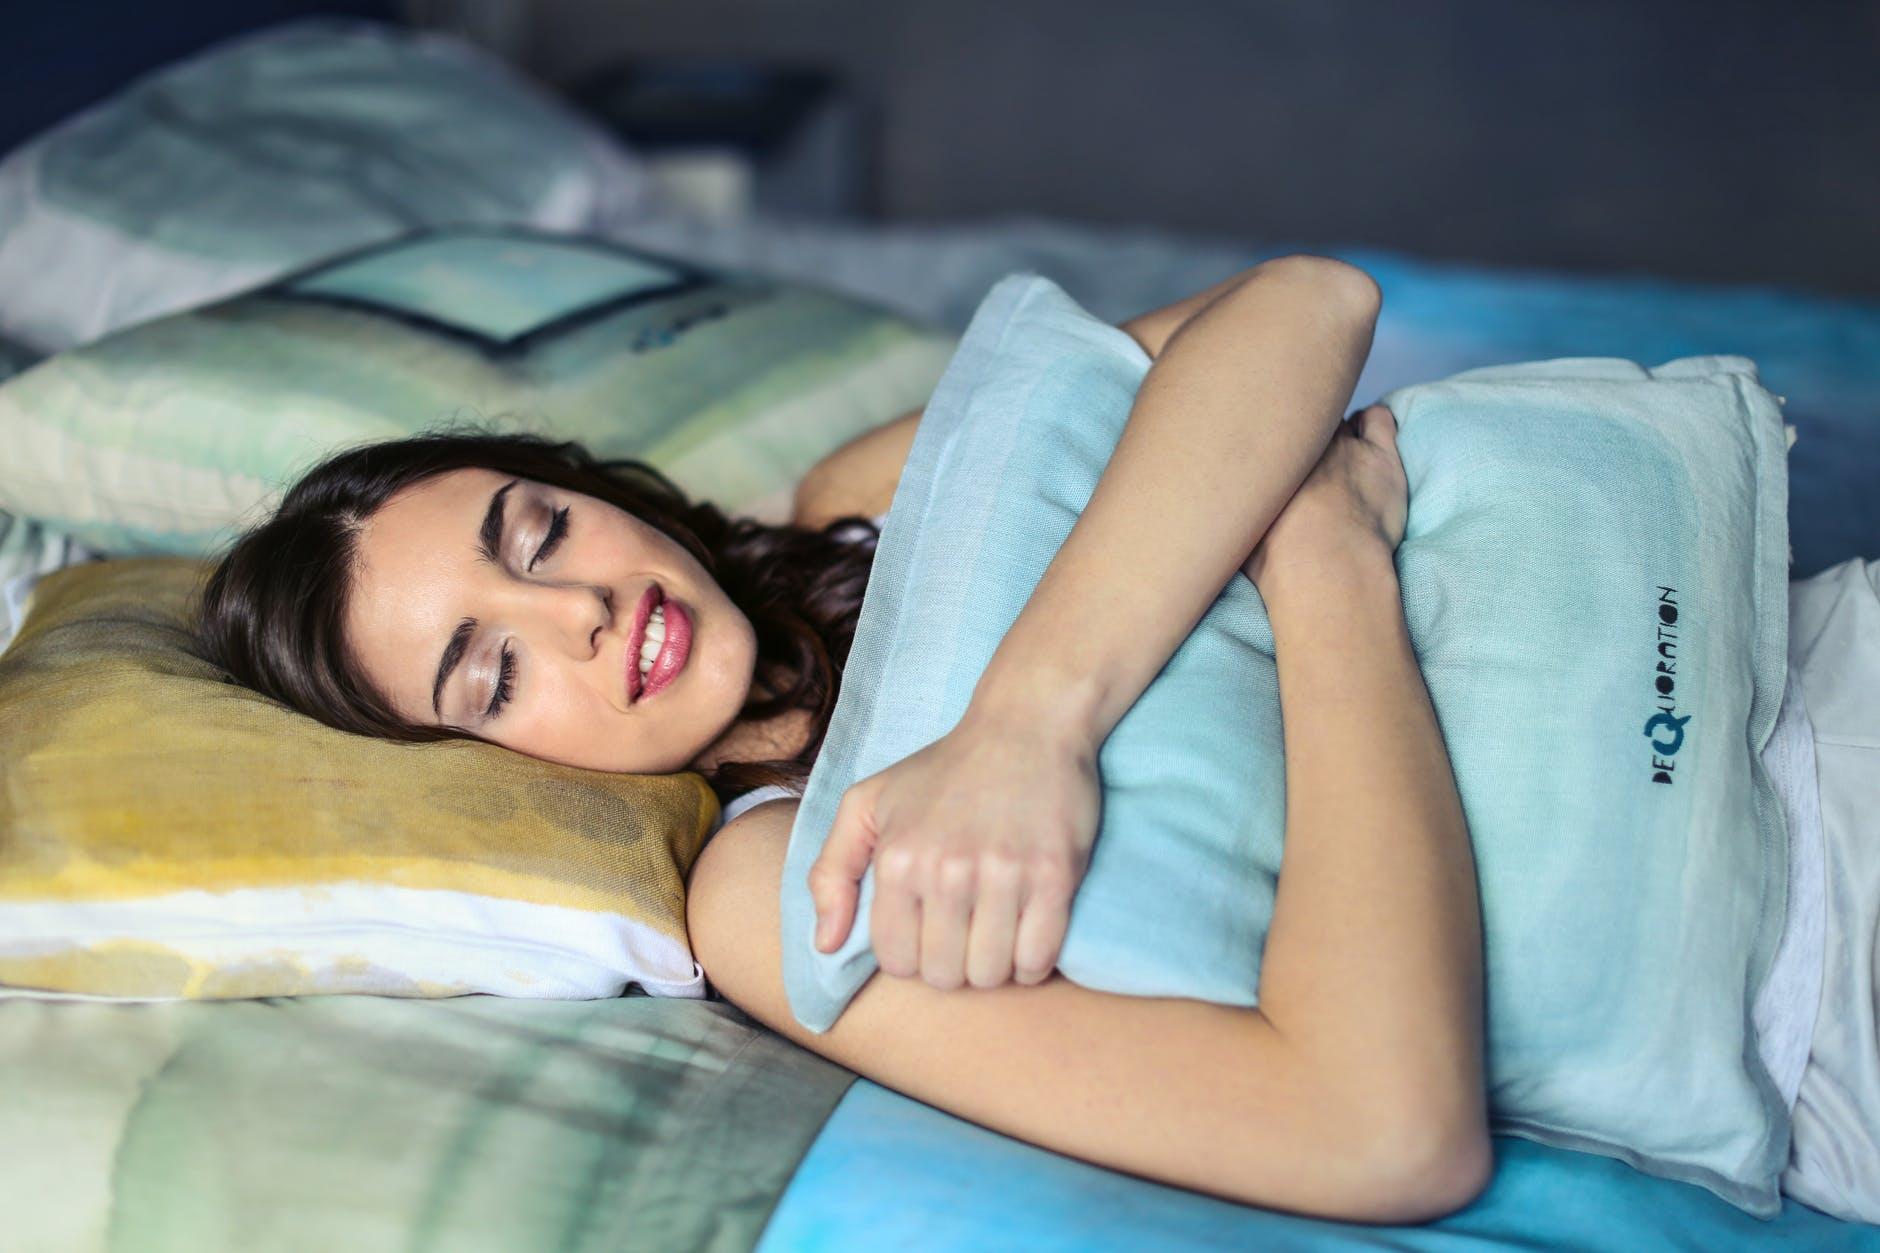 oreiller reveil dormir lit oreiller reveil matin pexels   100% féminin oreiller reveil